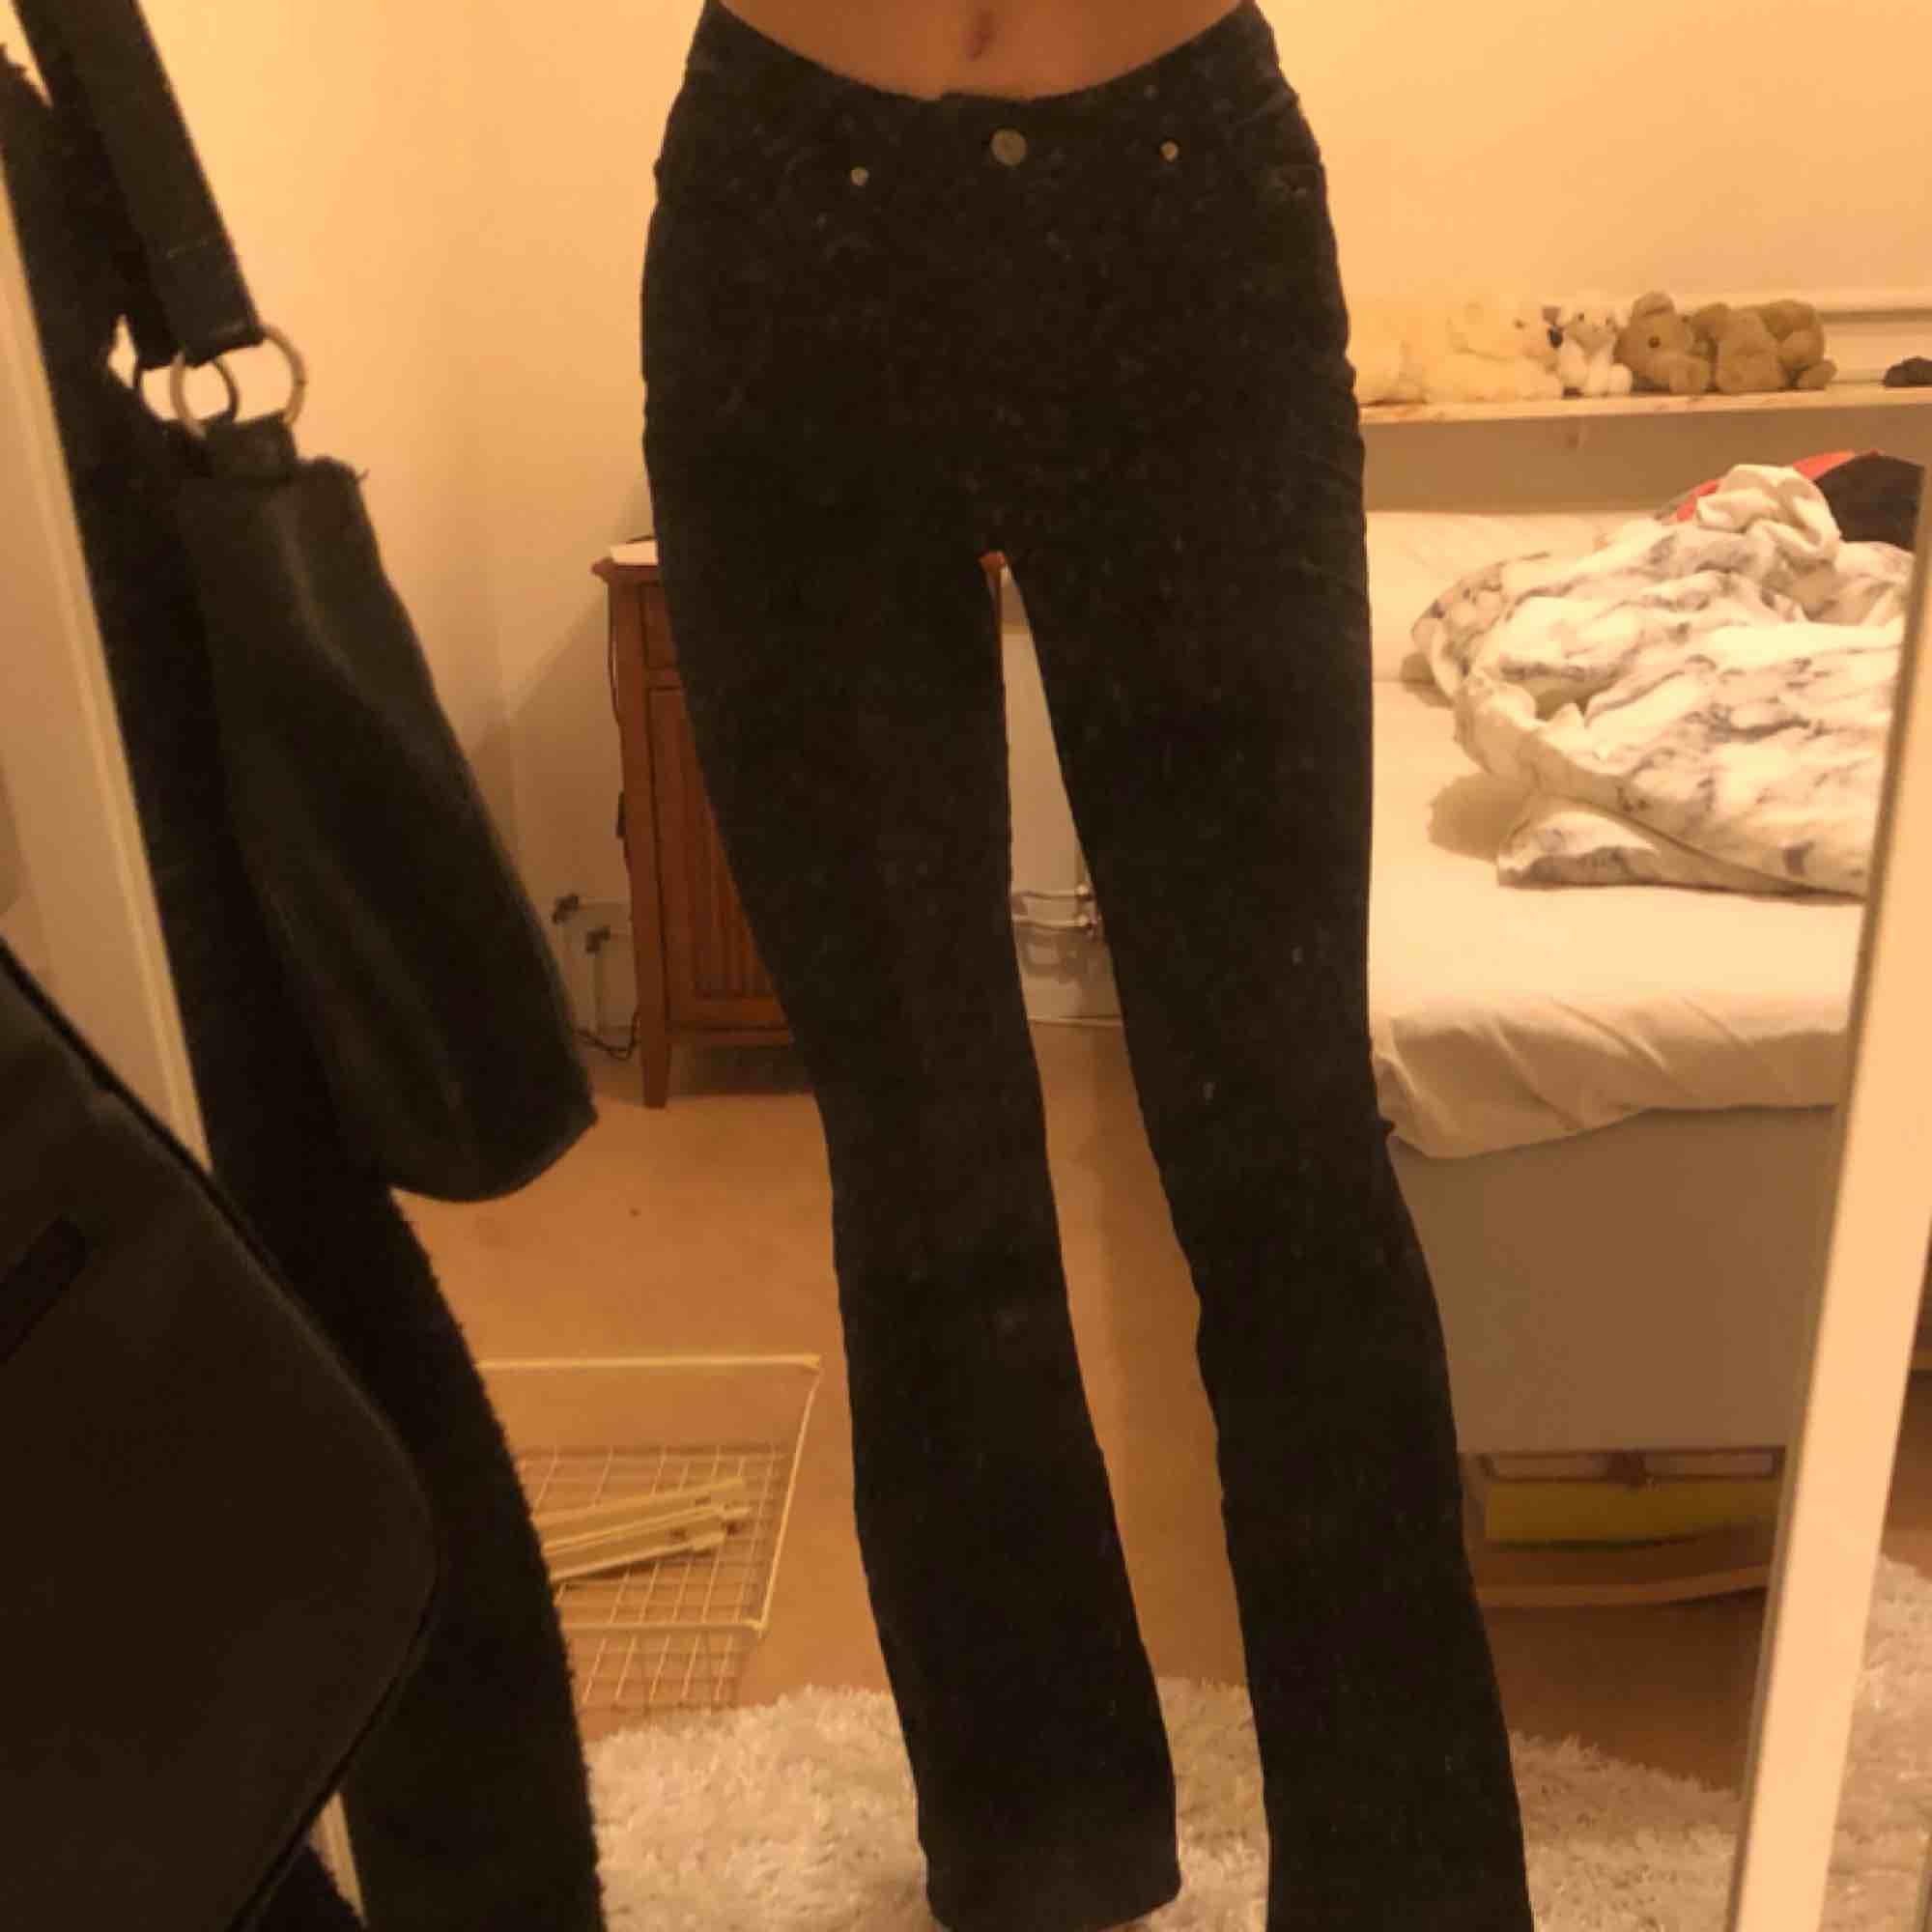 helt nya svarta högmidjade bootcut jeans köpta från na-kd nu i höst. endast provade, aldrig använda. hör av dig för bättre foton (då jag är medveten om att min spegel är väldigt smutsig). möts upp i Stockholm. först till kvarn 🥰. Jeans & Byxor.